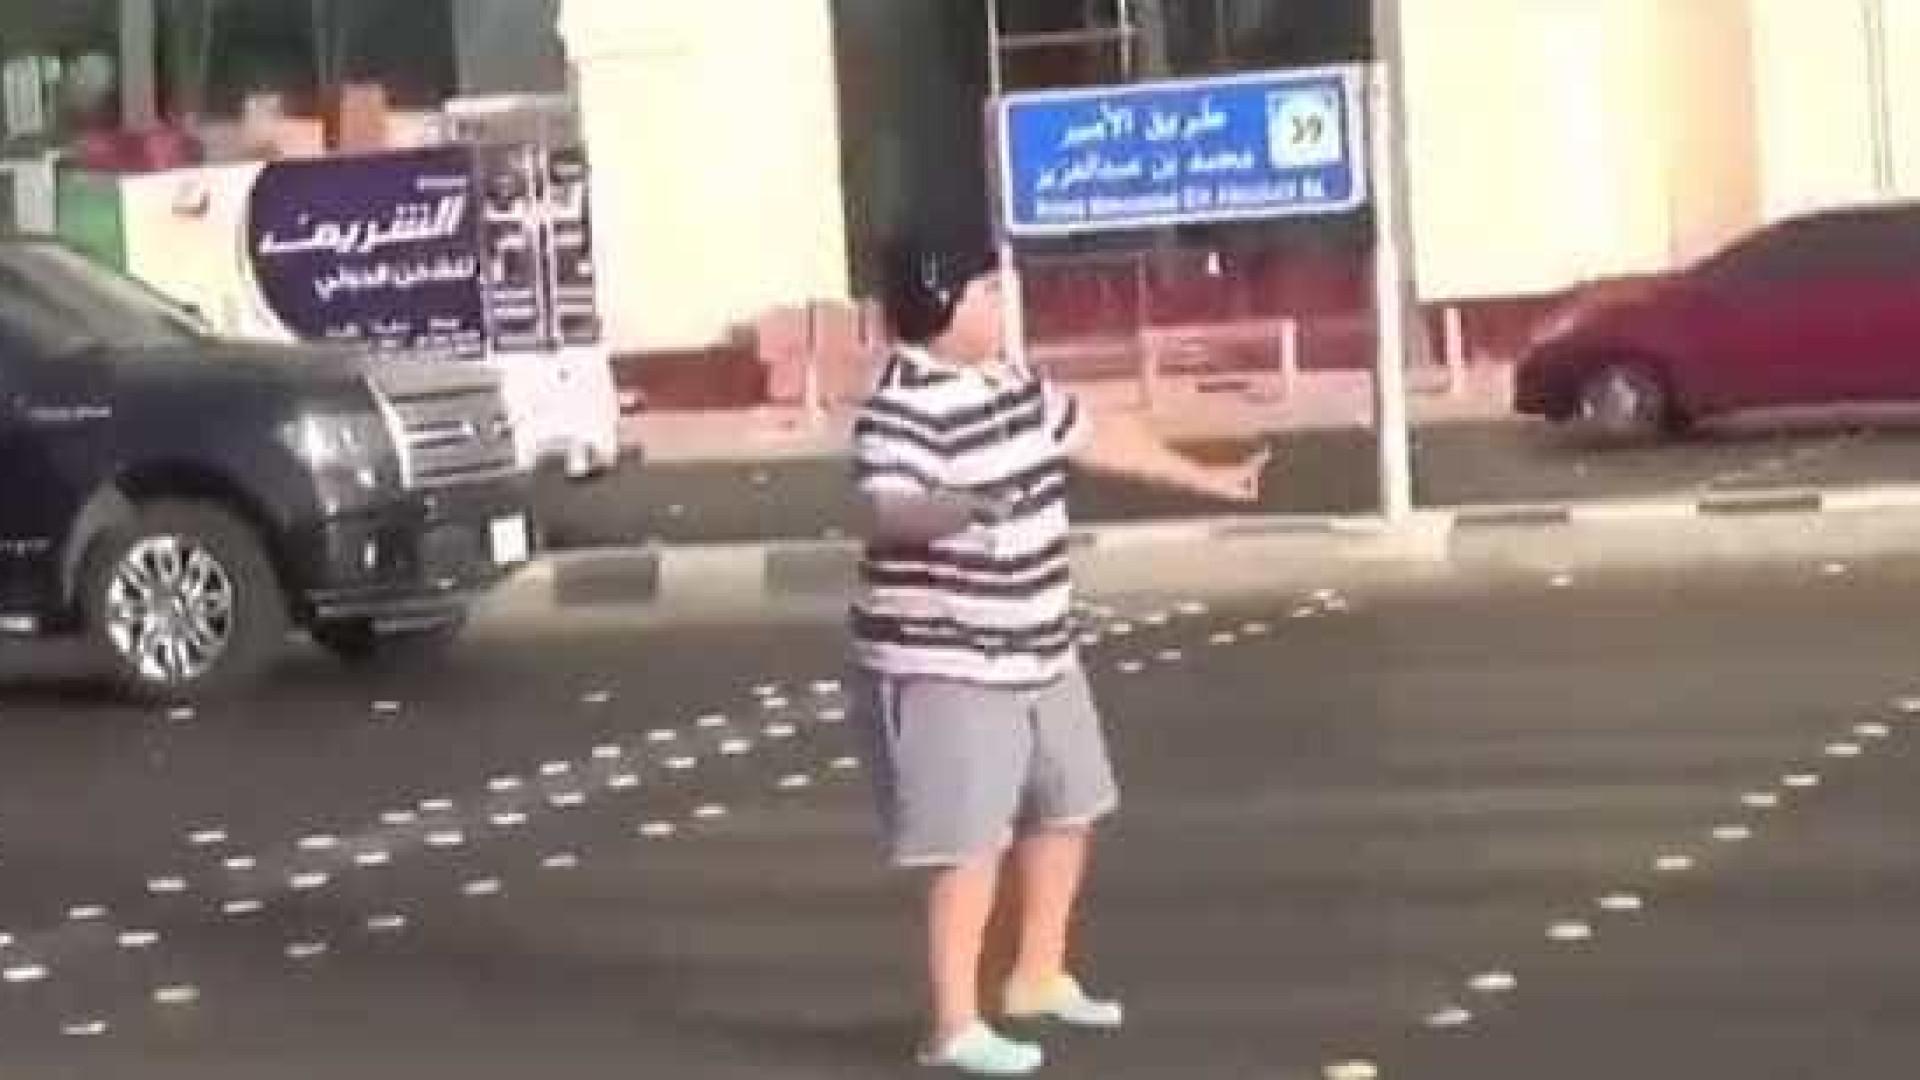 Jovem de 14 anos detido na Arábia Saudita após dançar 'Macarena' na rua